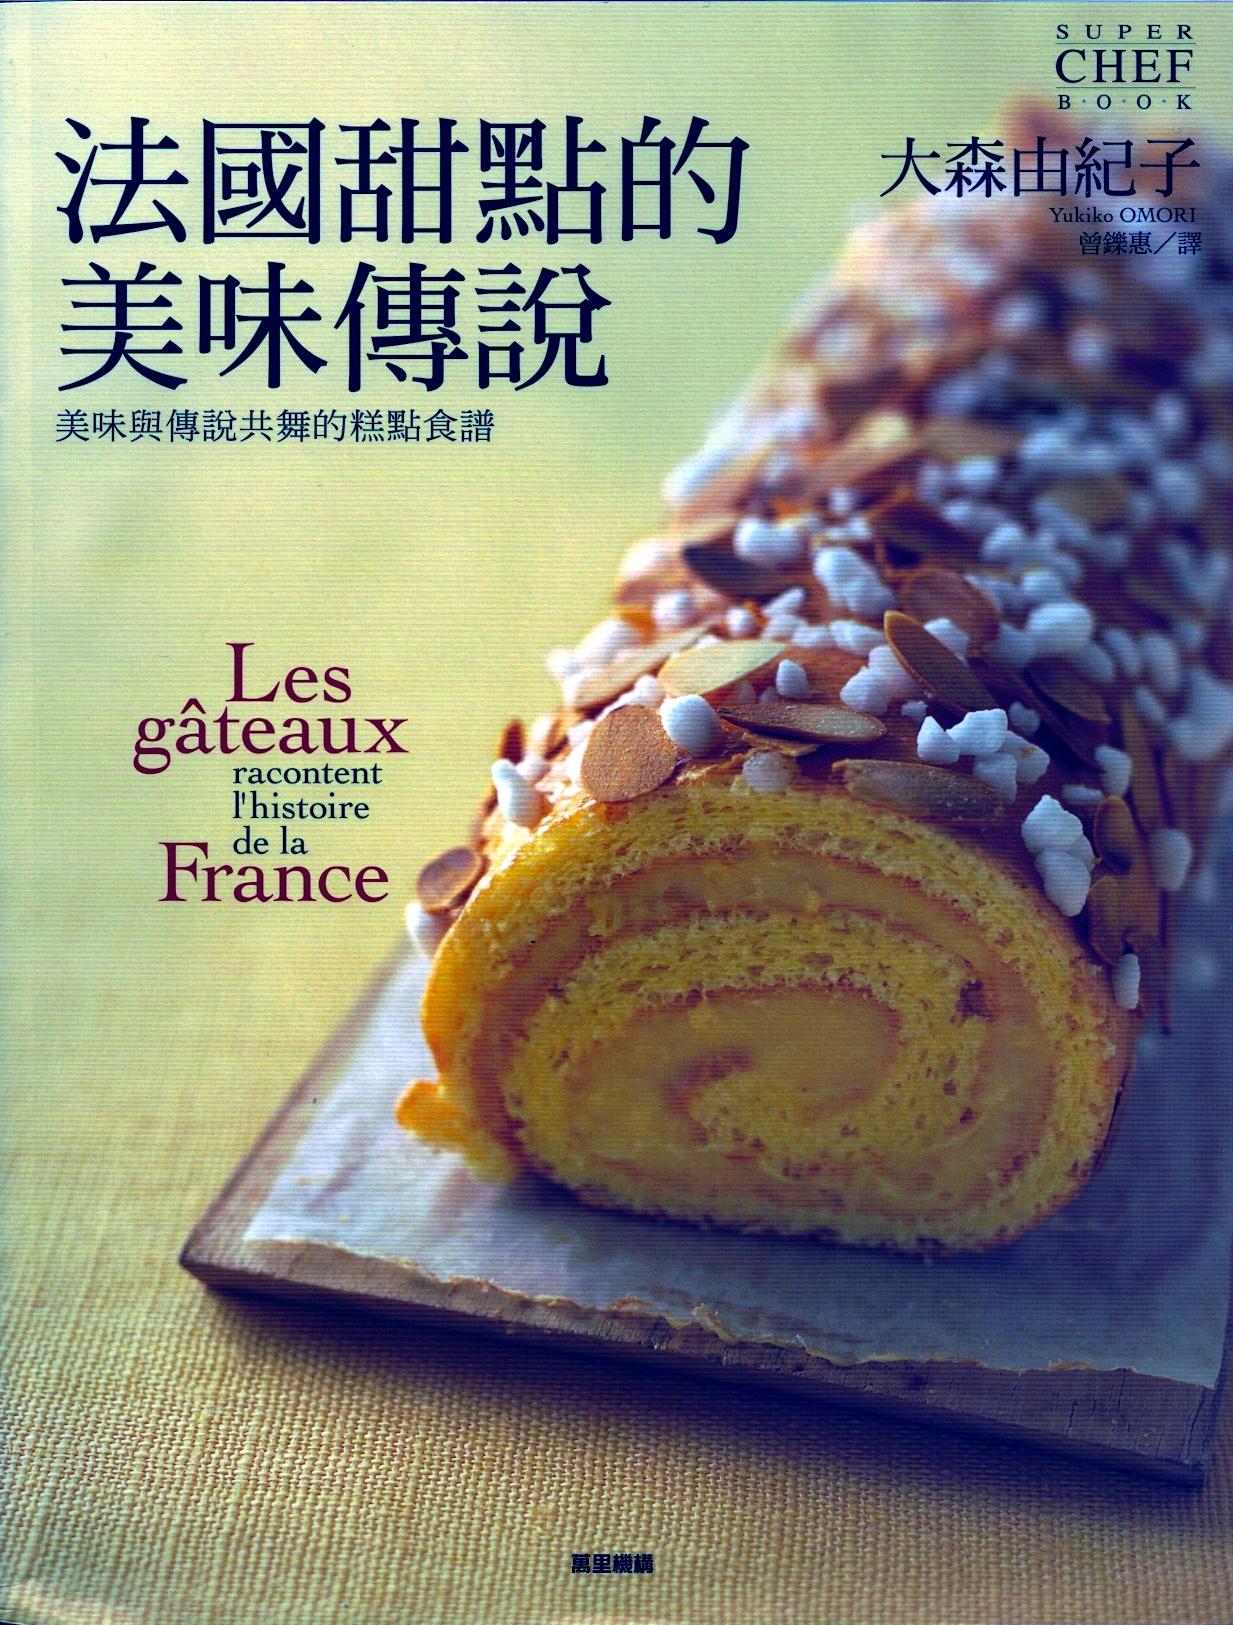 法國甜點的美味傳說